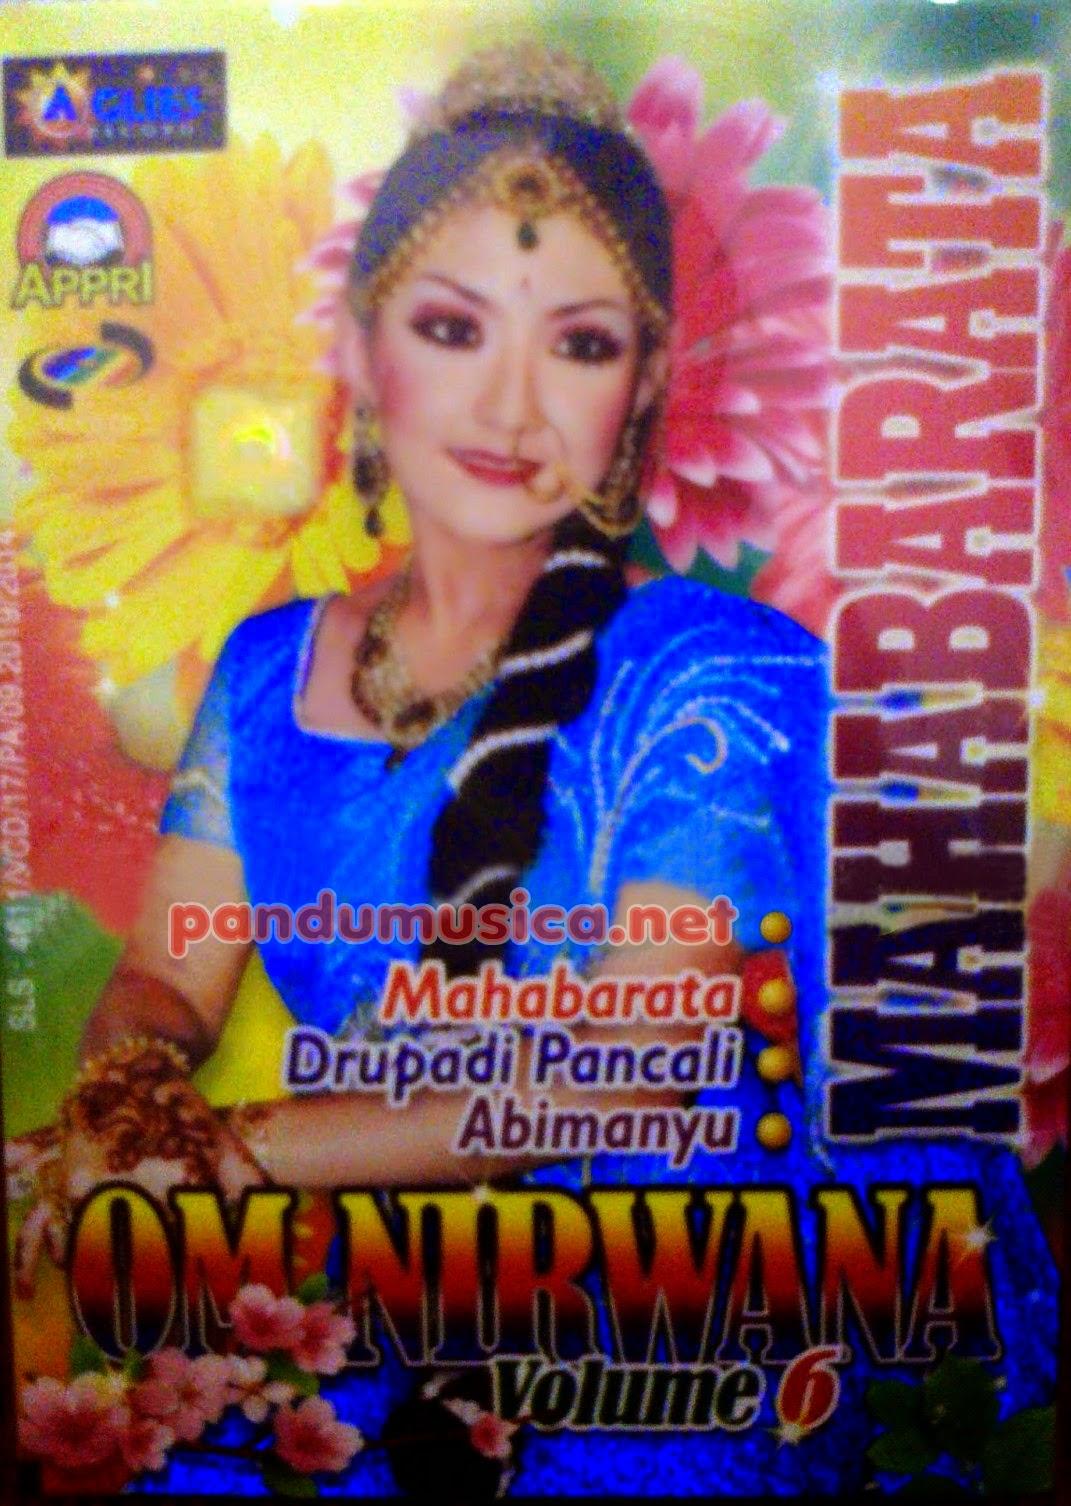 Magdalena OM Nirwana - Mahabarata